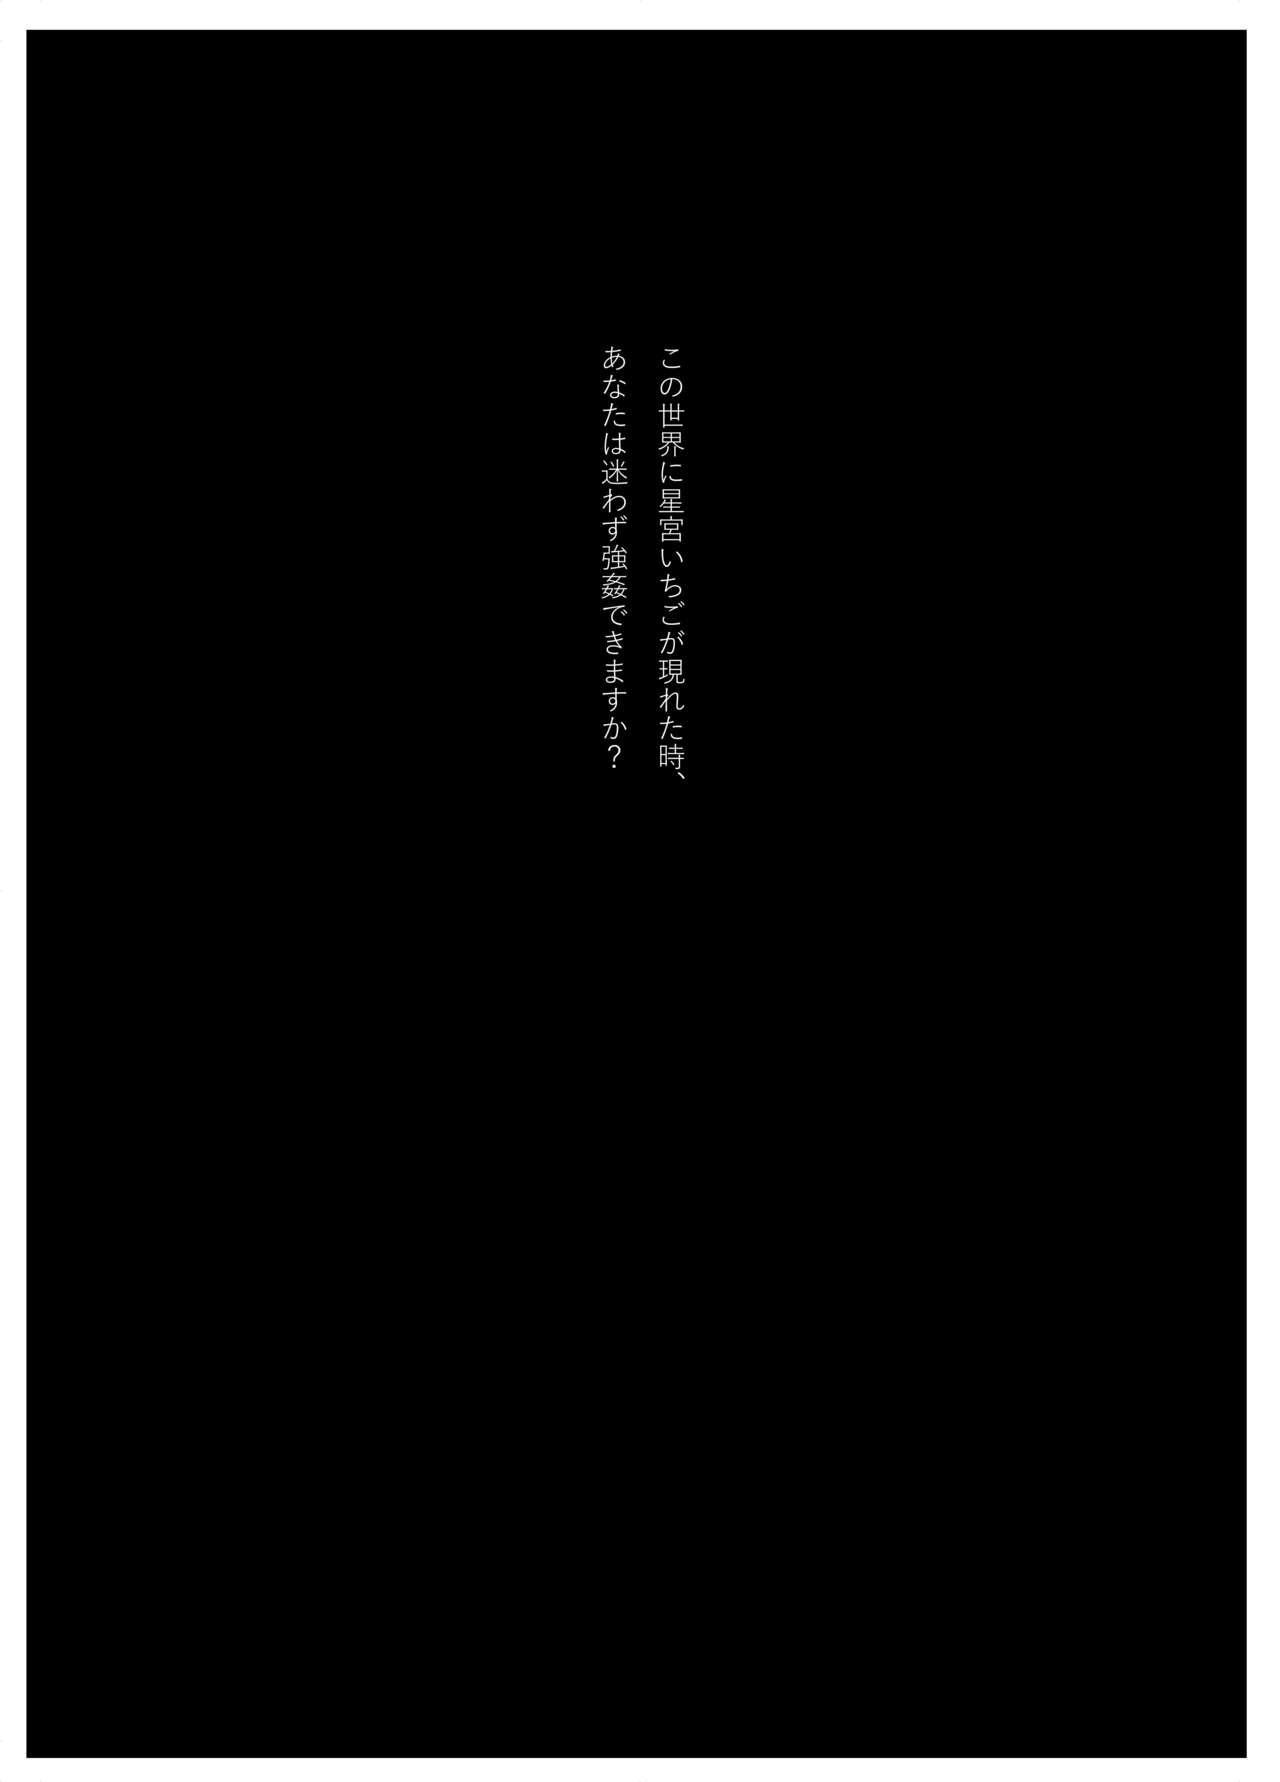 Hoshimiya Ichigo o Goukan Shite Boku wa Hoshi ni Naru. 1